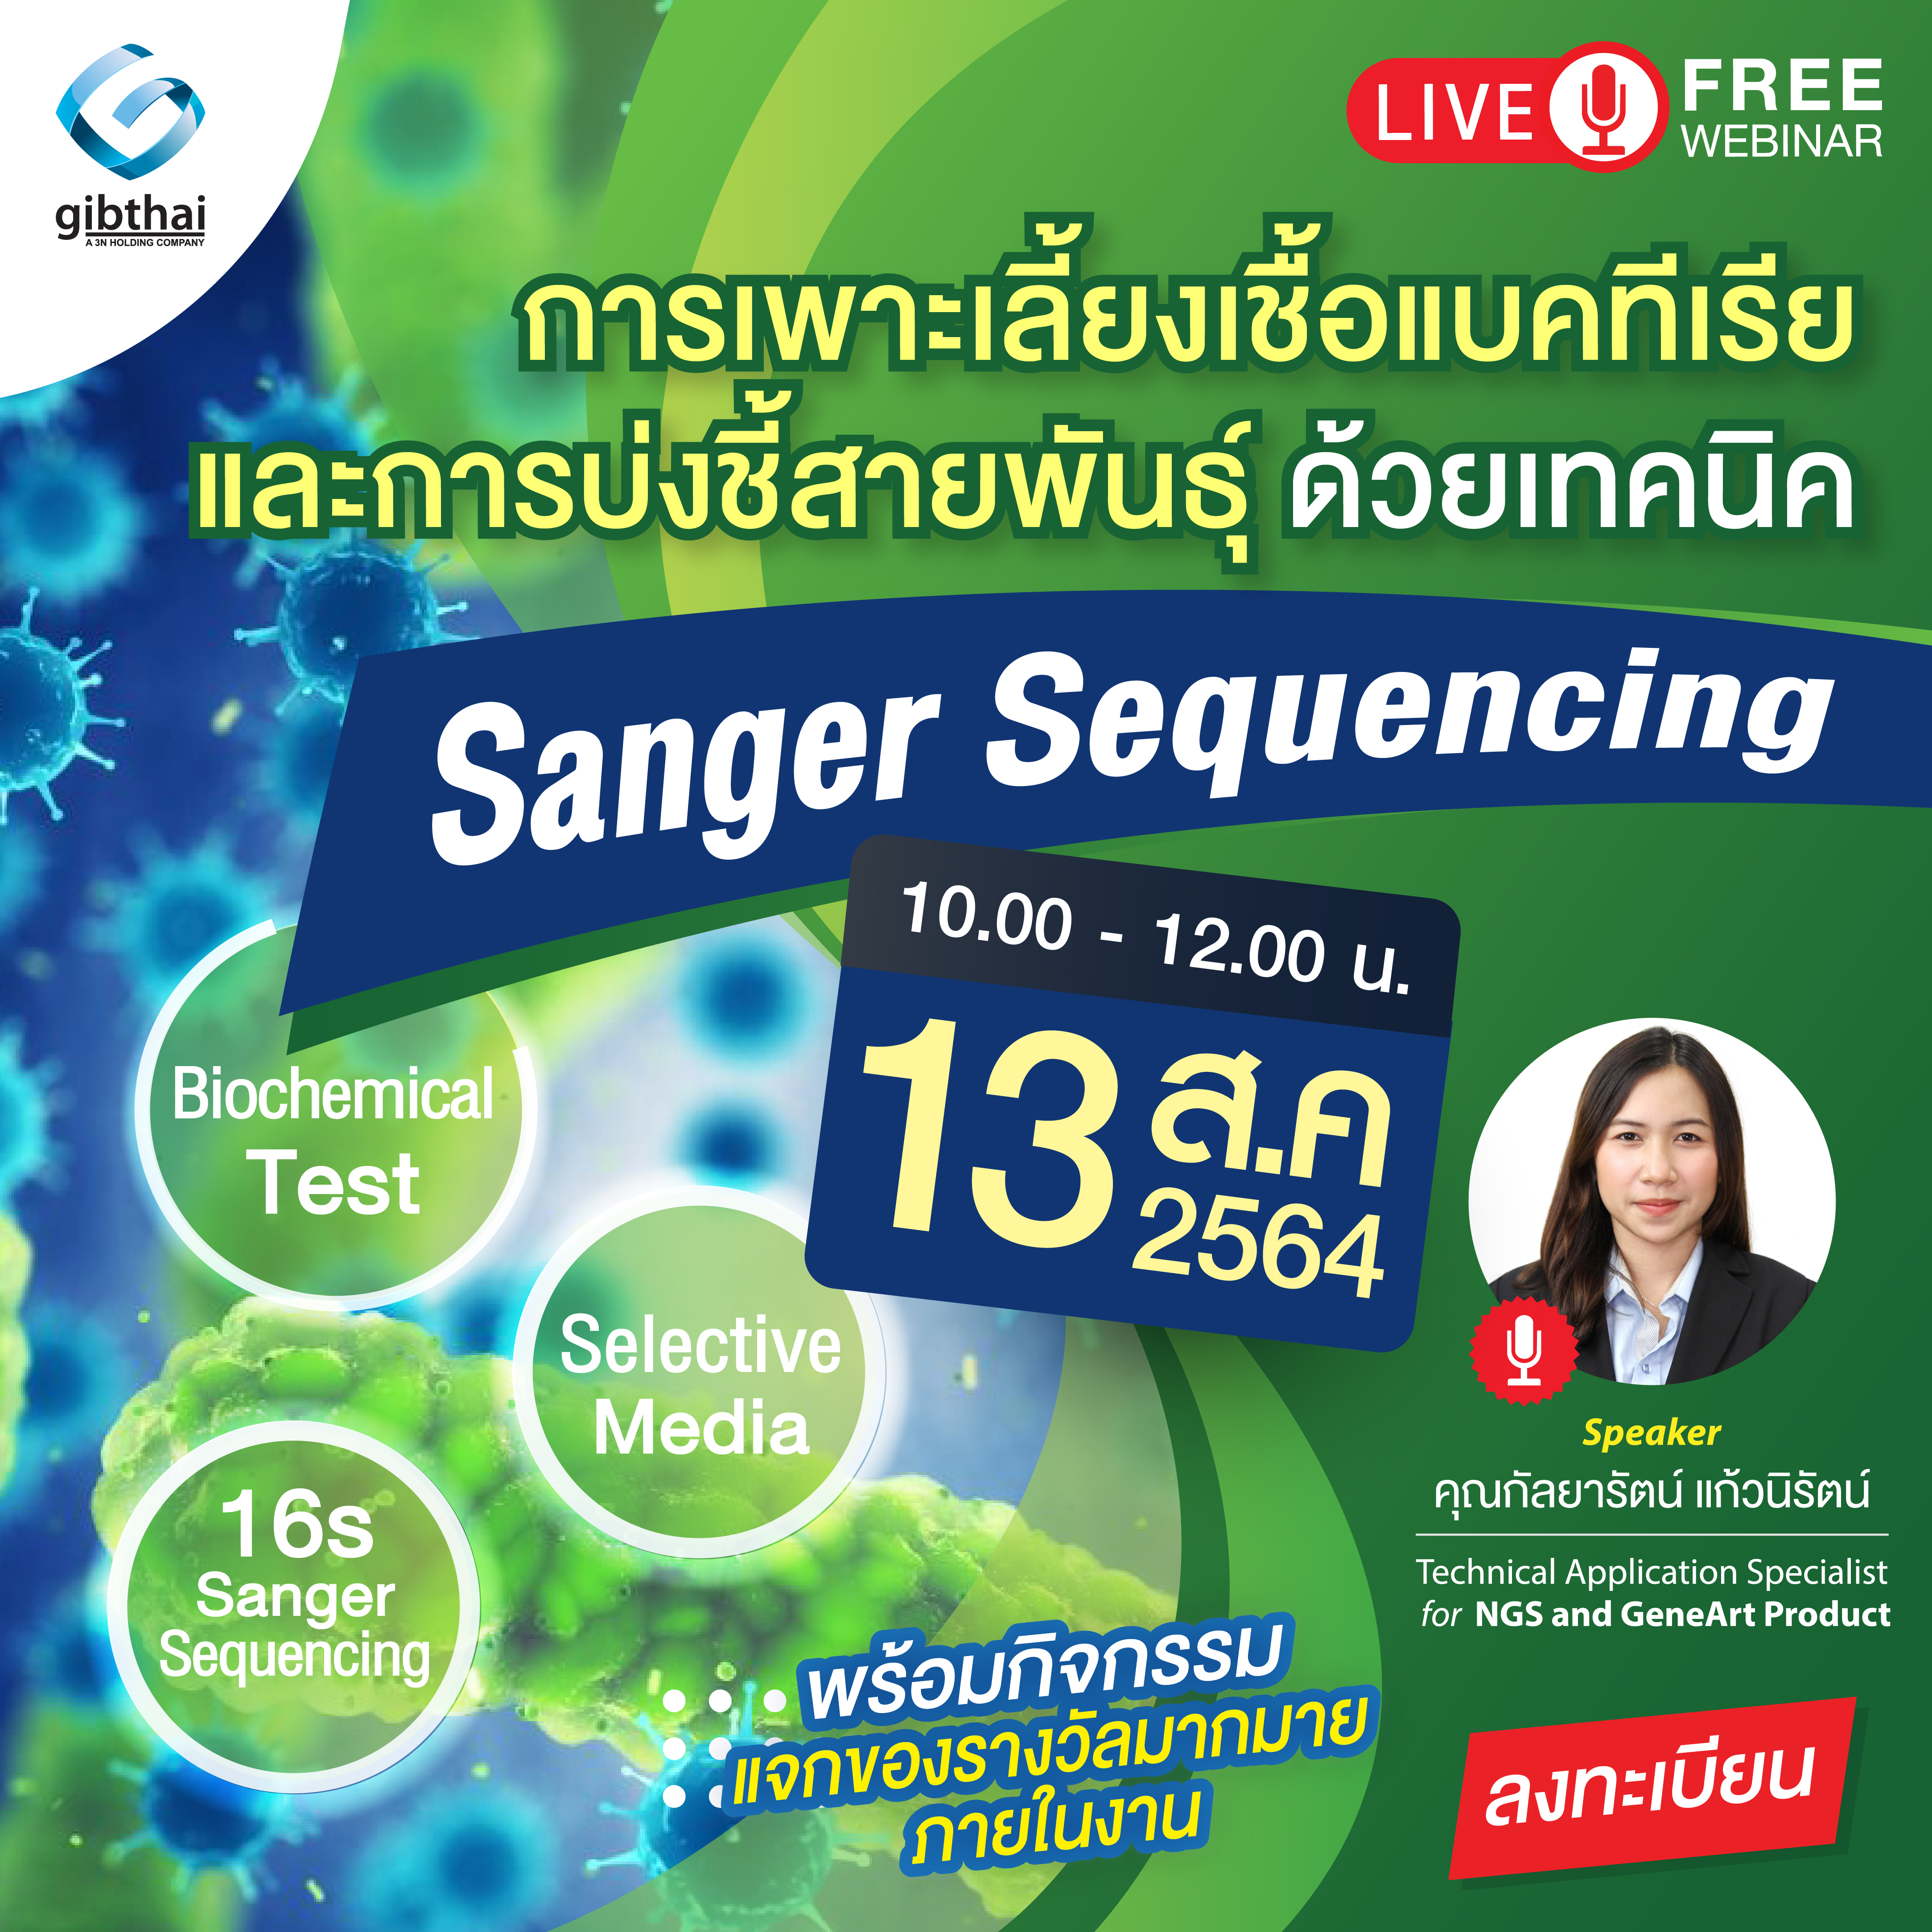 การเพาะเลี้ยงเชื้อแบคทีเรียและการบ่งชี้สายพันธุ์ด้วยเทคนิค Sanger sequencing